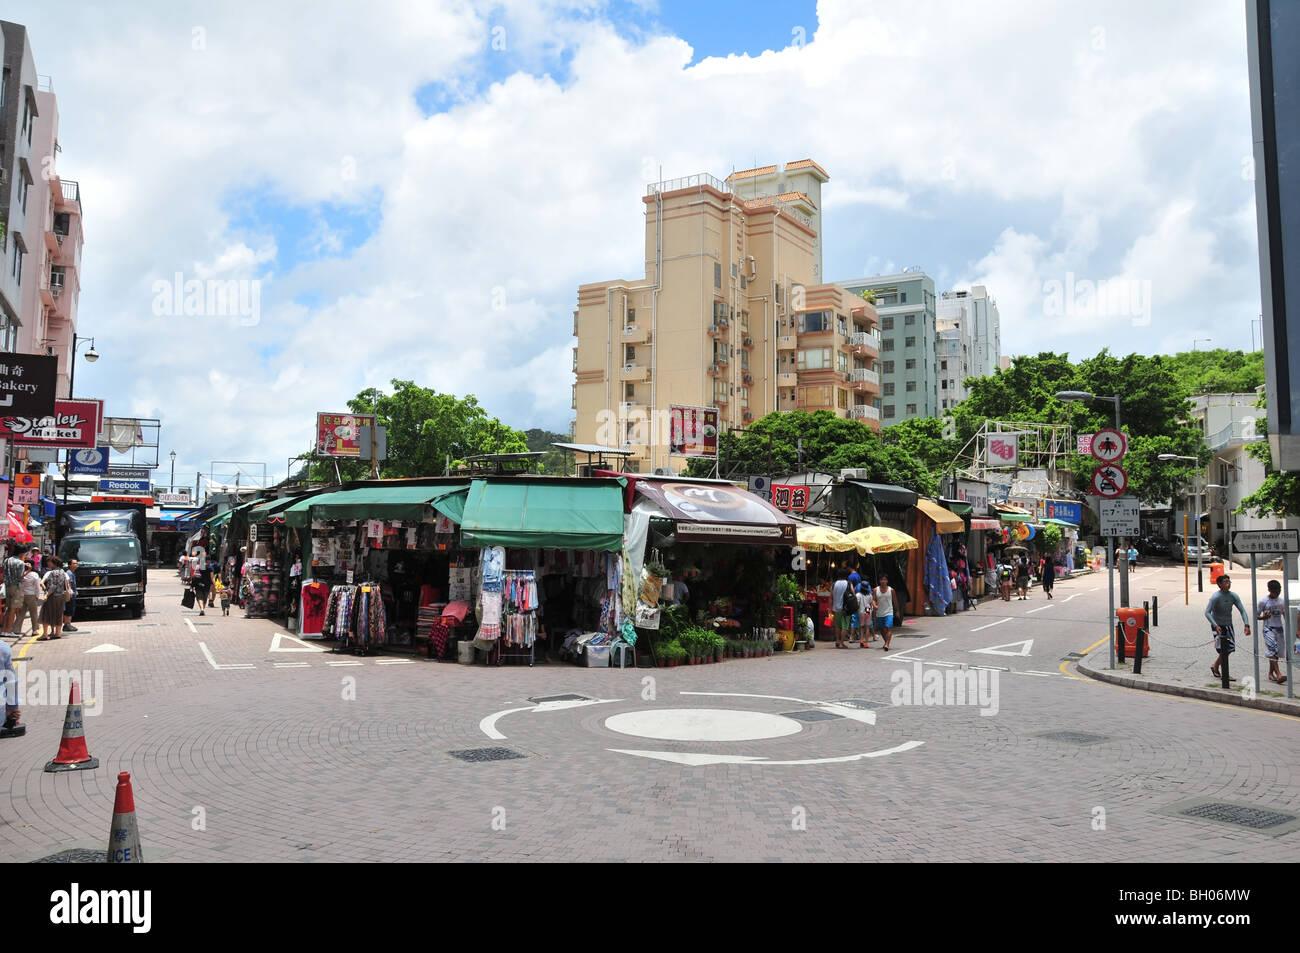 Boutiques en plein air, les panneaux publicitaires, les consommateurs et camion de livraison à un carrefour Photo Stock